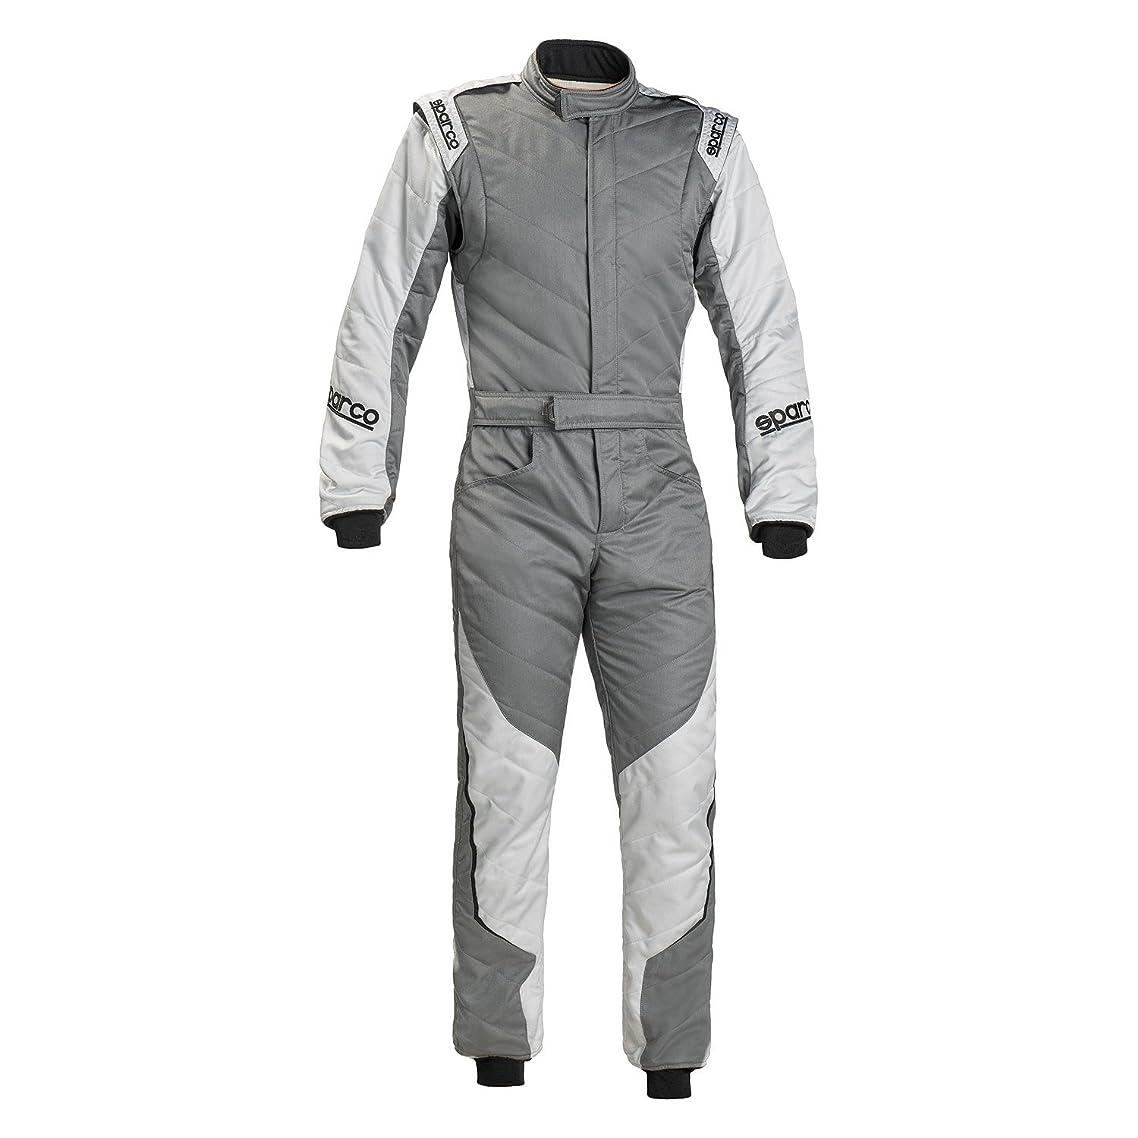 平日囲まれた補償Sparco 001127362GRSI スーツ (エネルギー RS-5 グレー/シルバー サイズ 62)